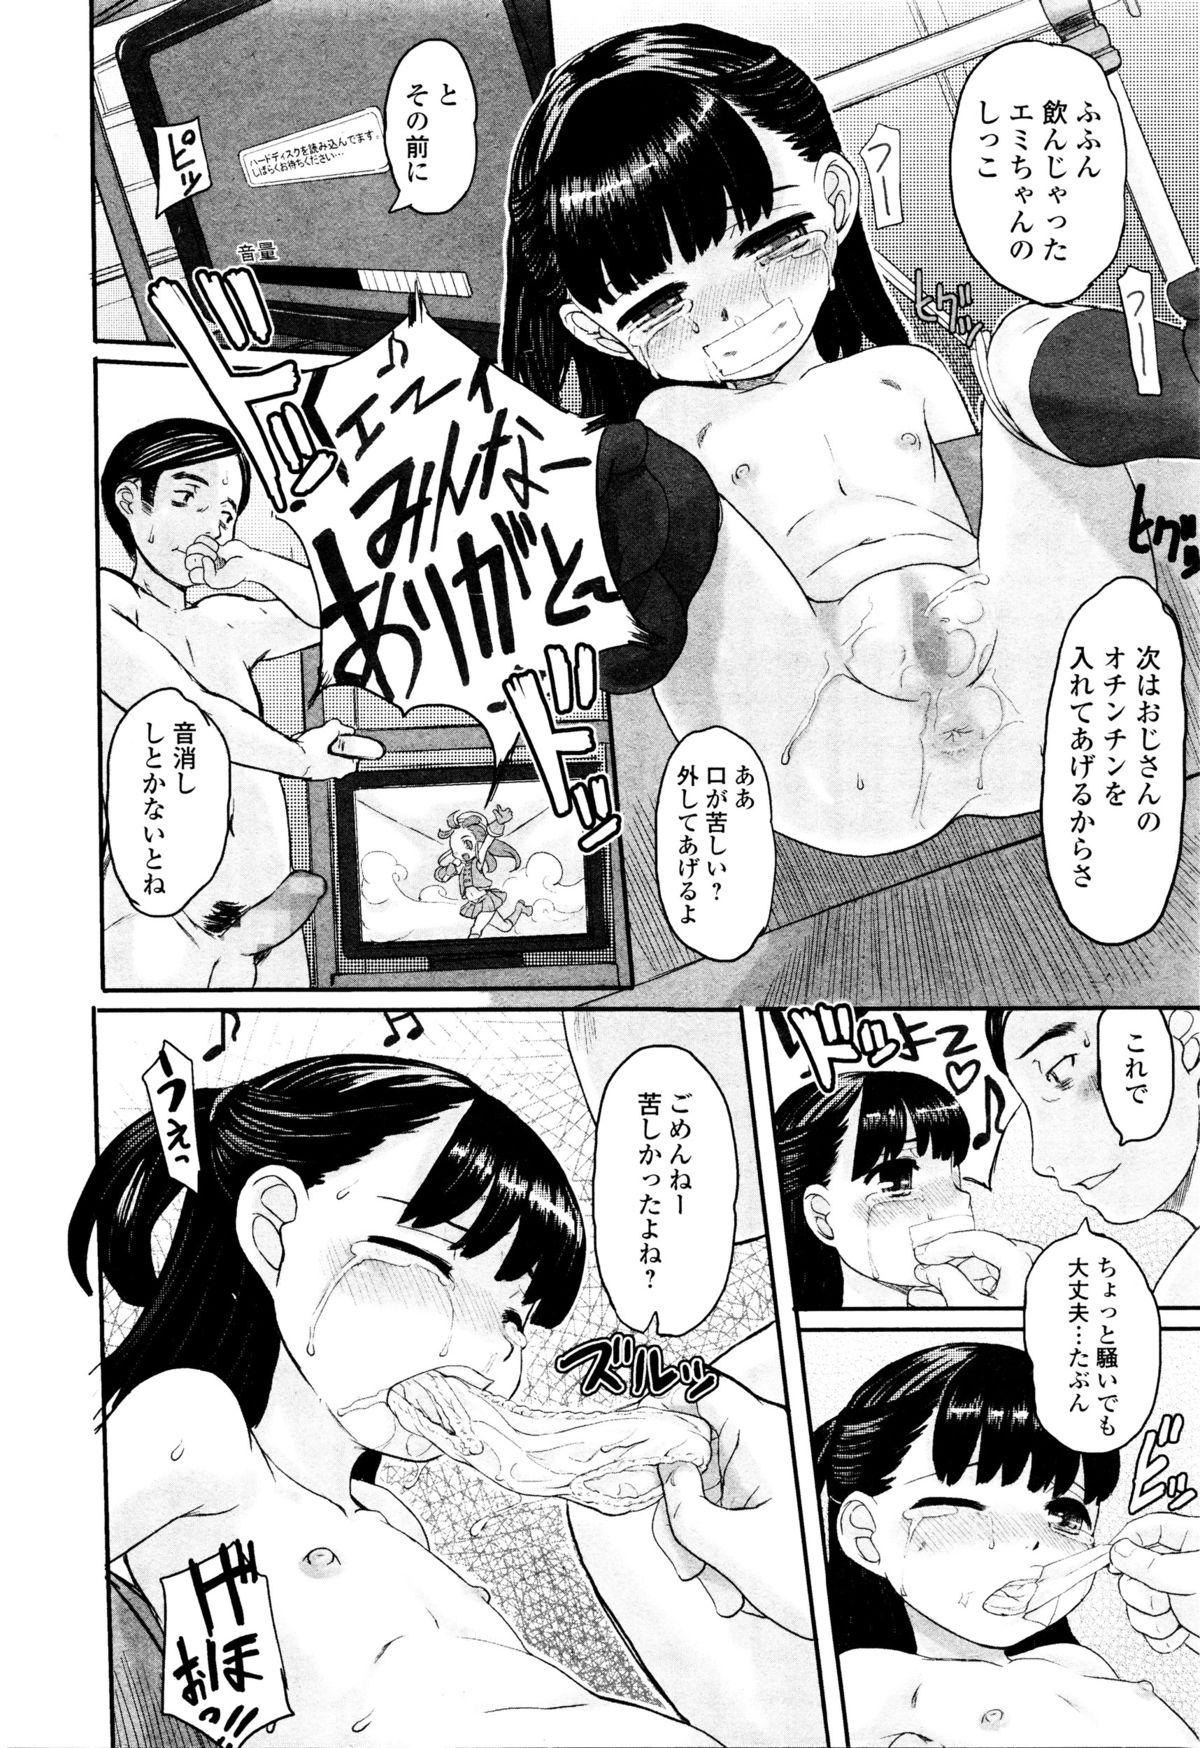 COMIC Mate Legend Vol. 7 2016-02 172